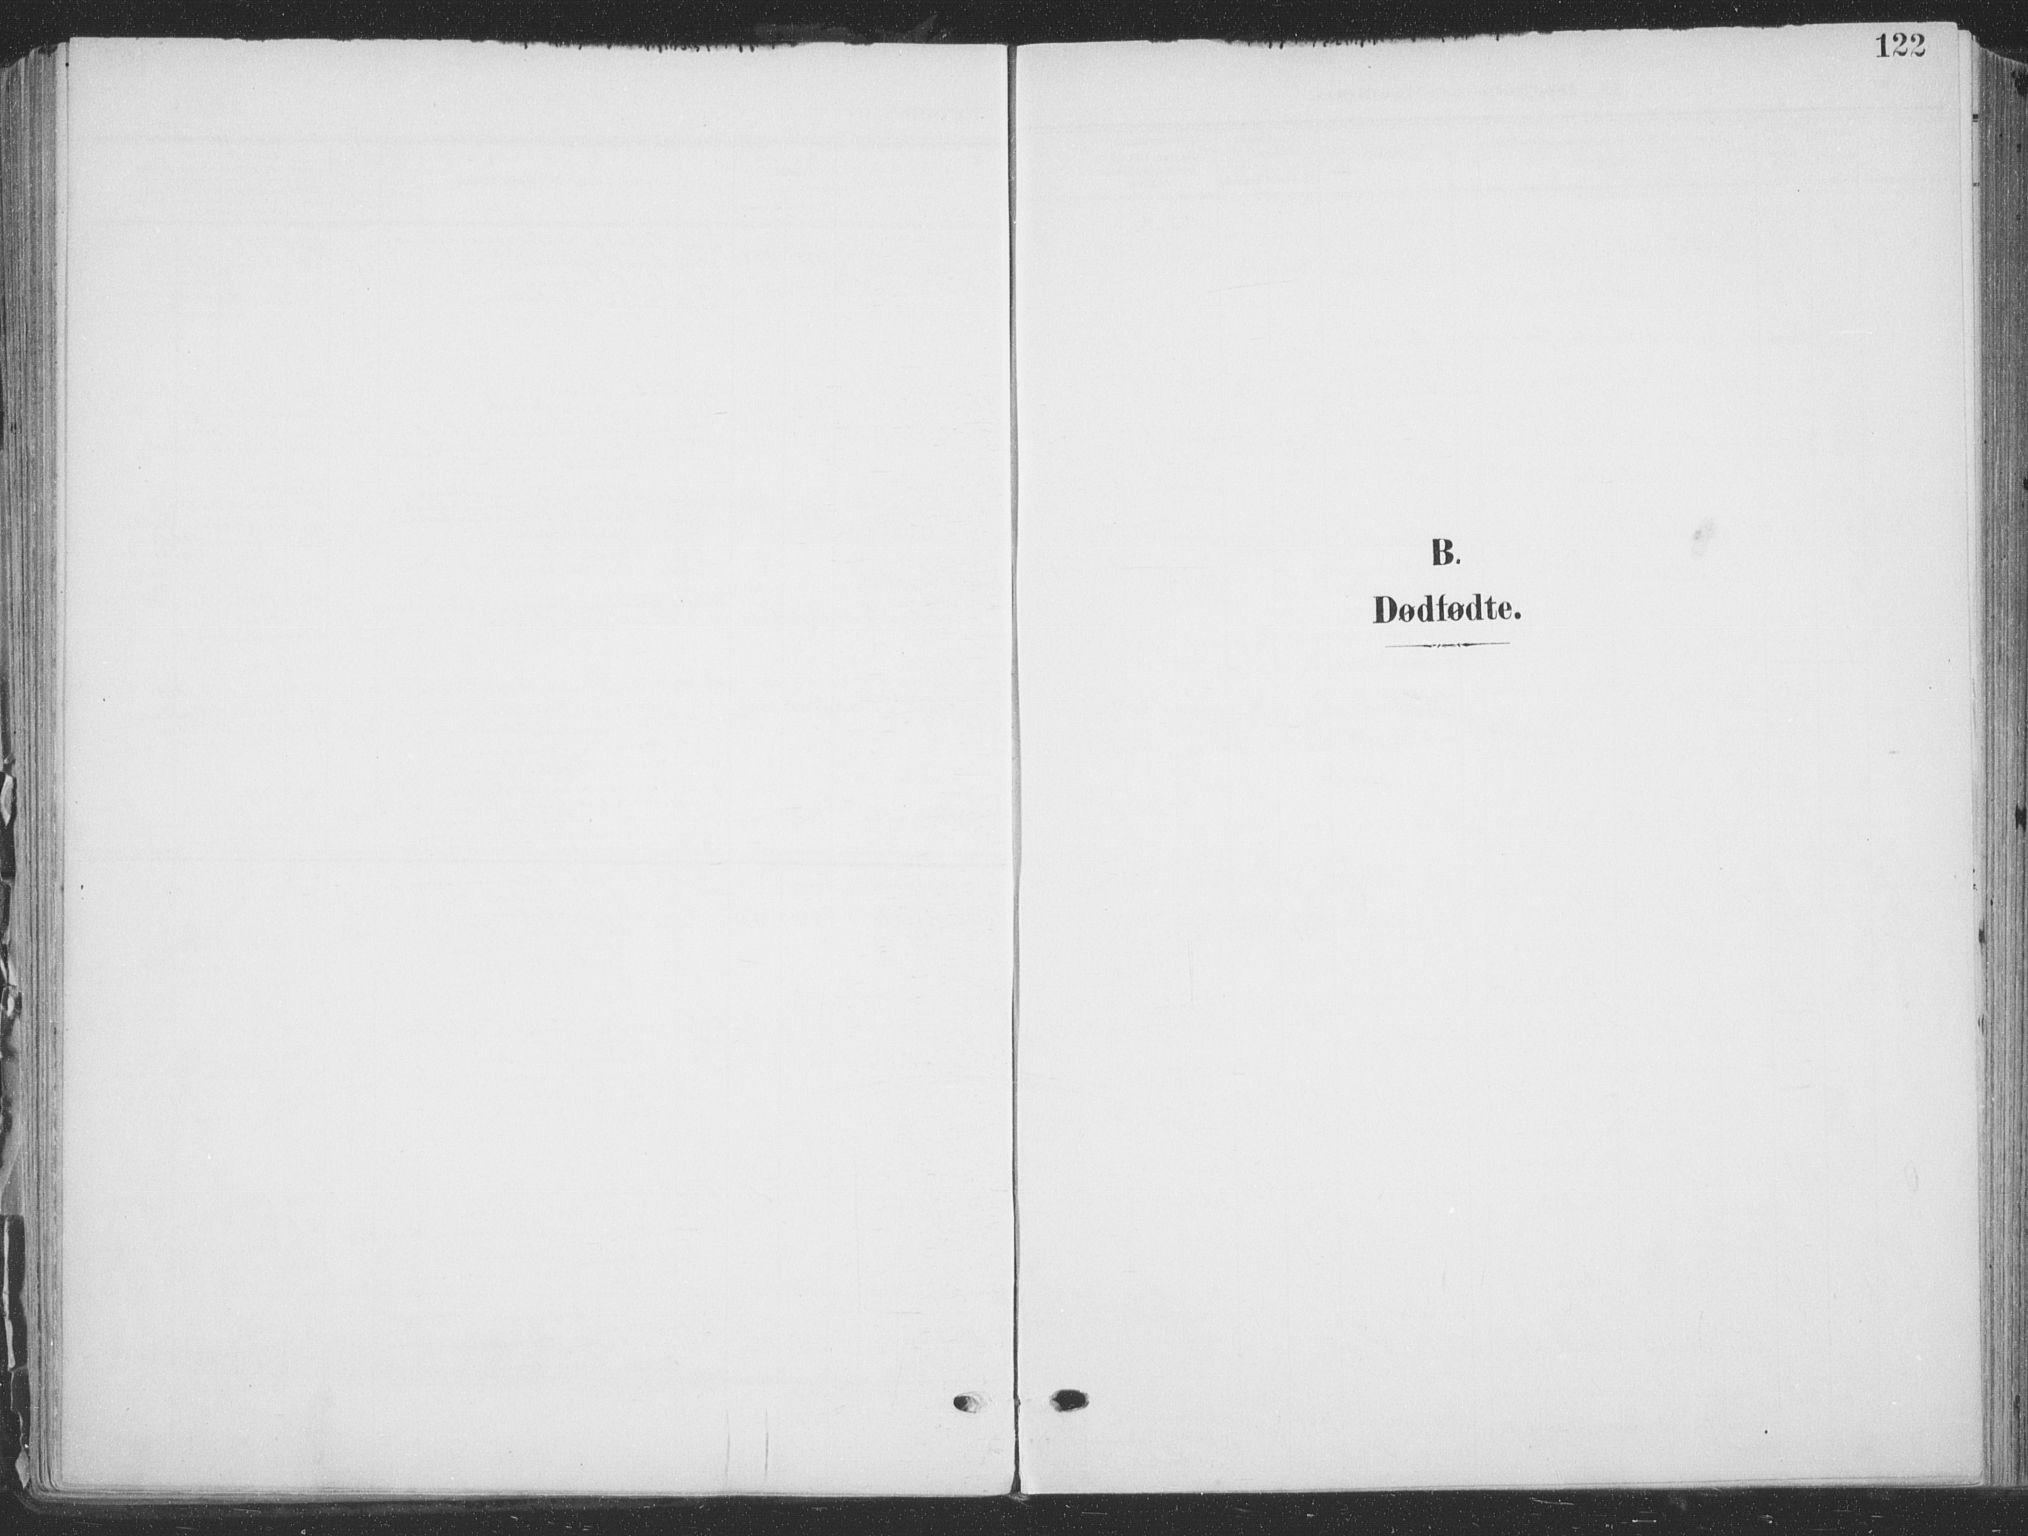 SATØ, Tana sokneprestkontor, H/Ha/L0007kirke: Ministerialbok nr. 7, 1904-1918, s. 122